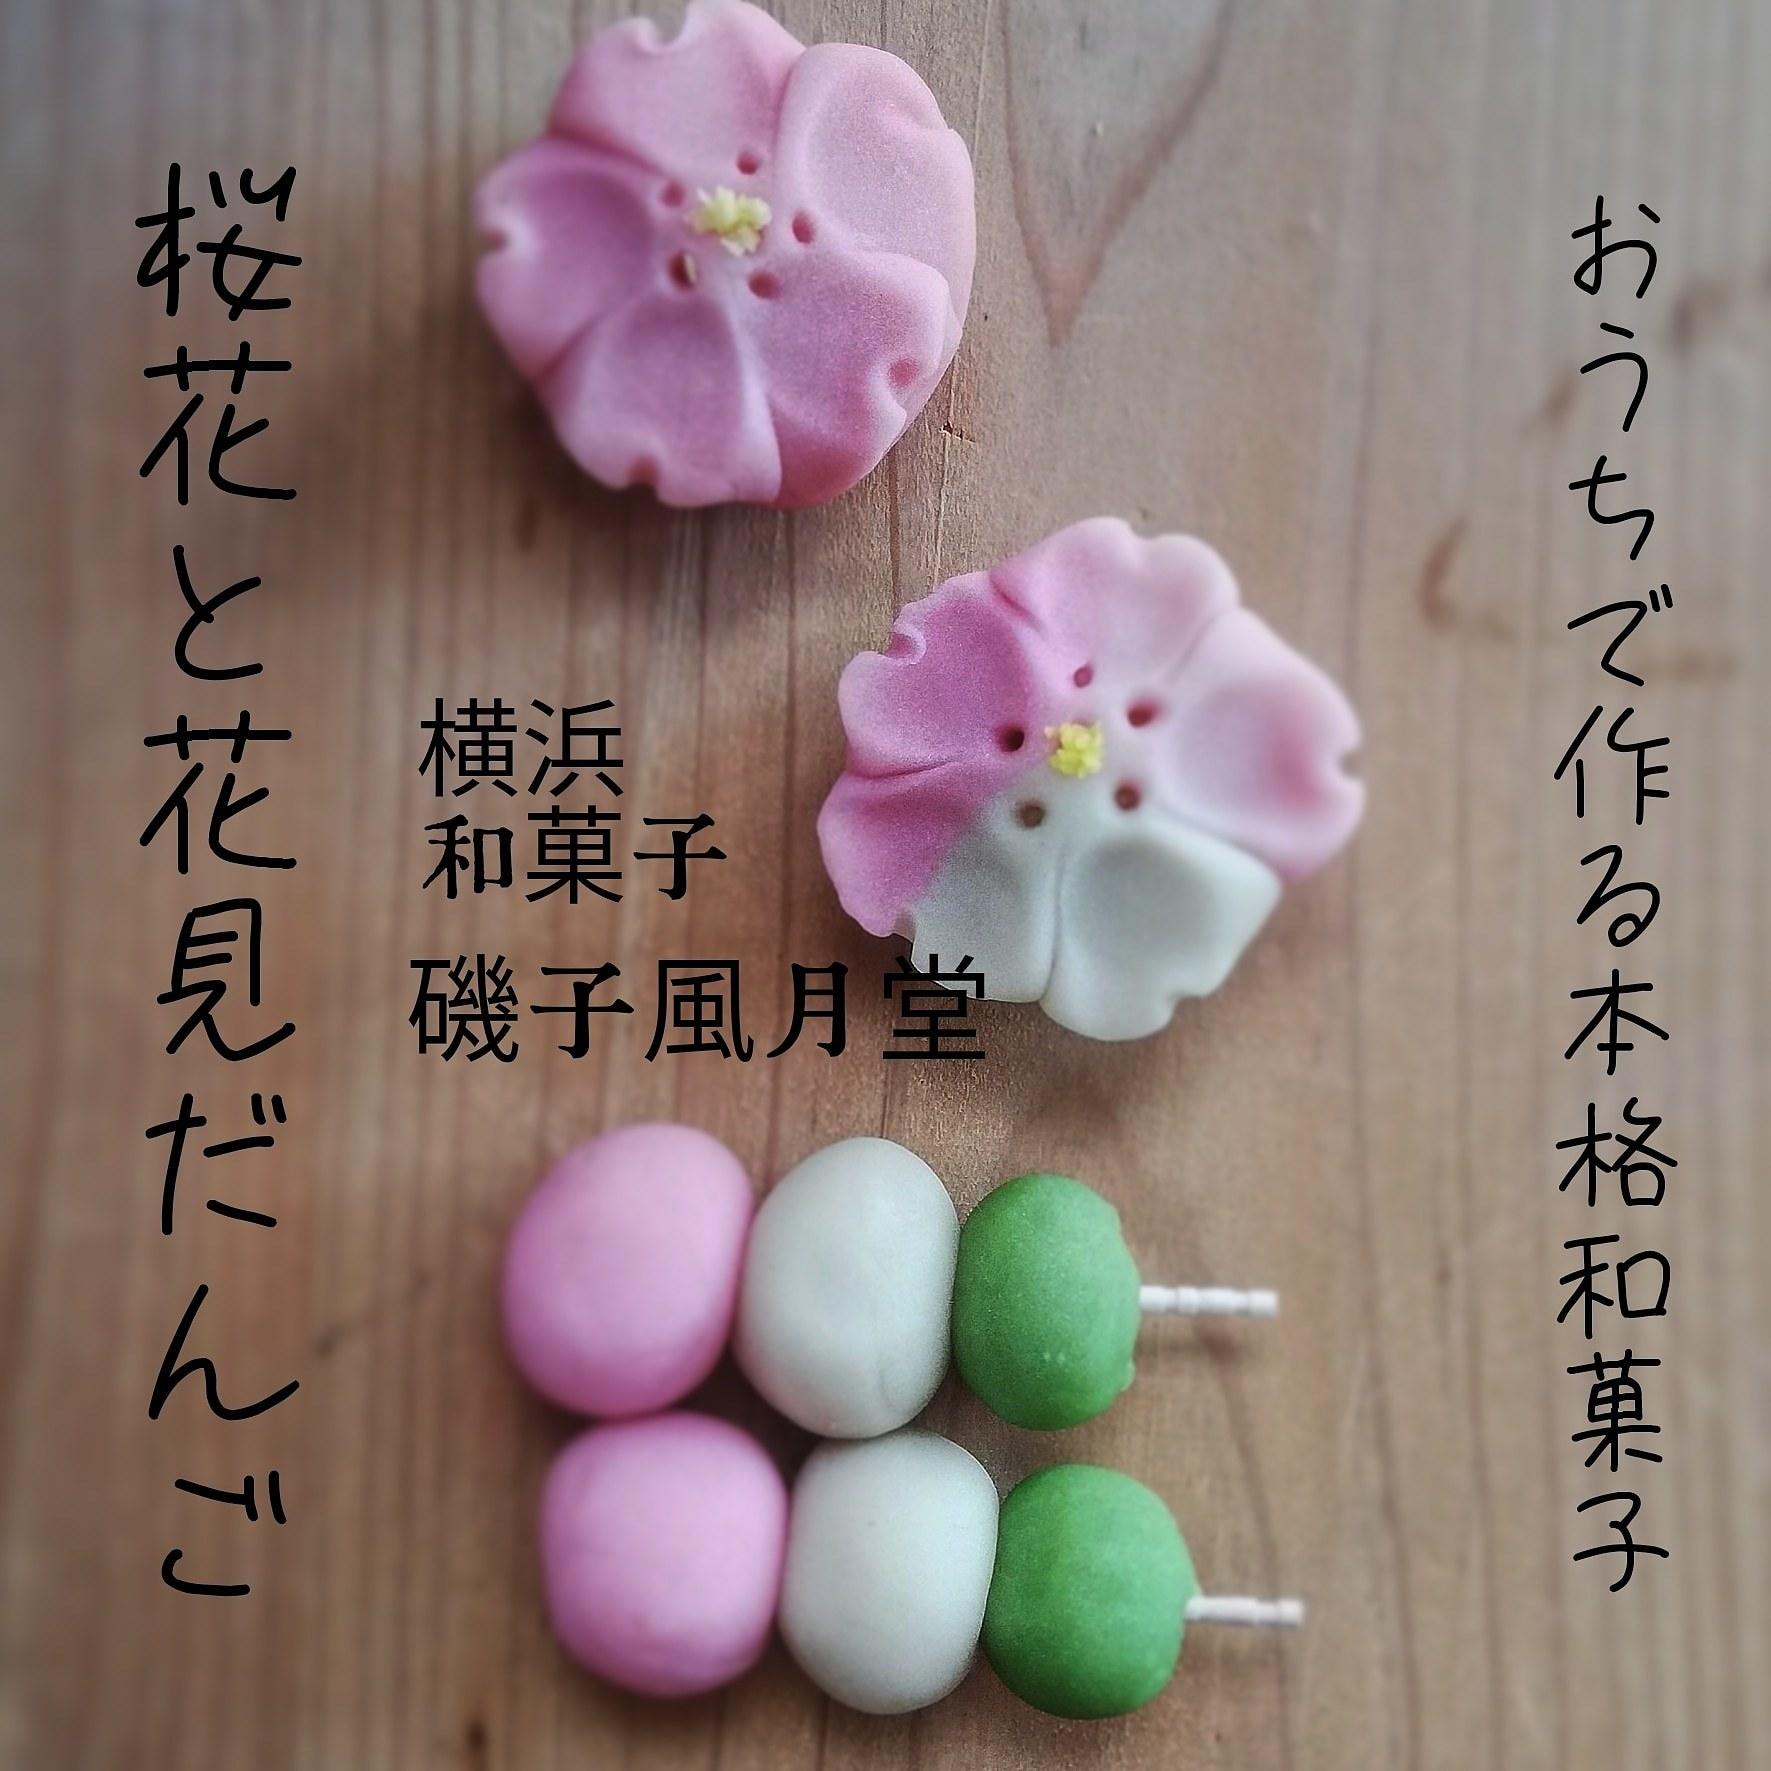 手作り和菓子キットの販売を始めました。磯子風月堂 和菓子教室_e0092594_18150745.jpg